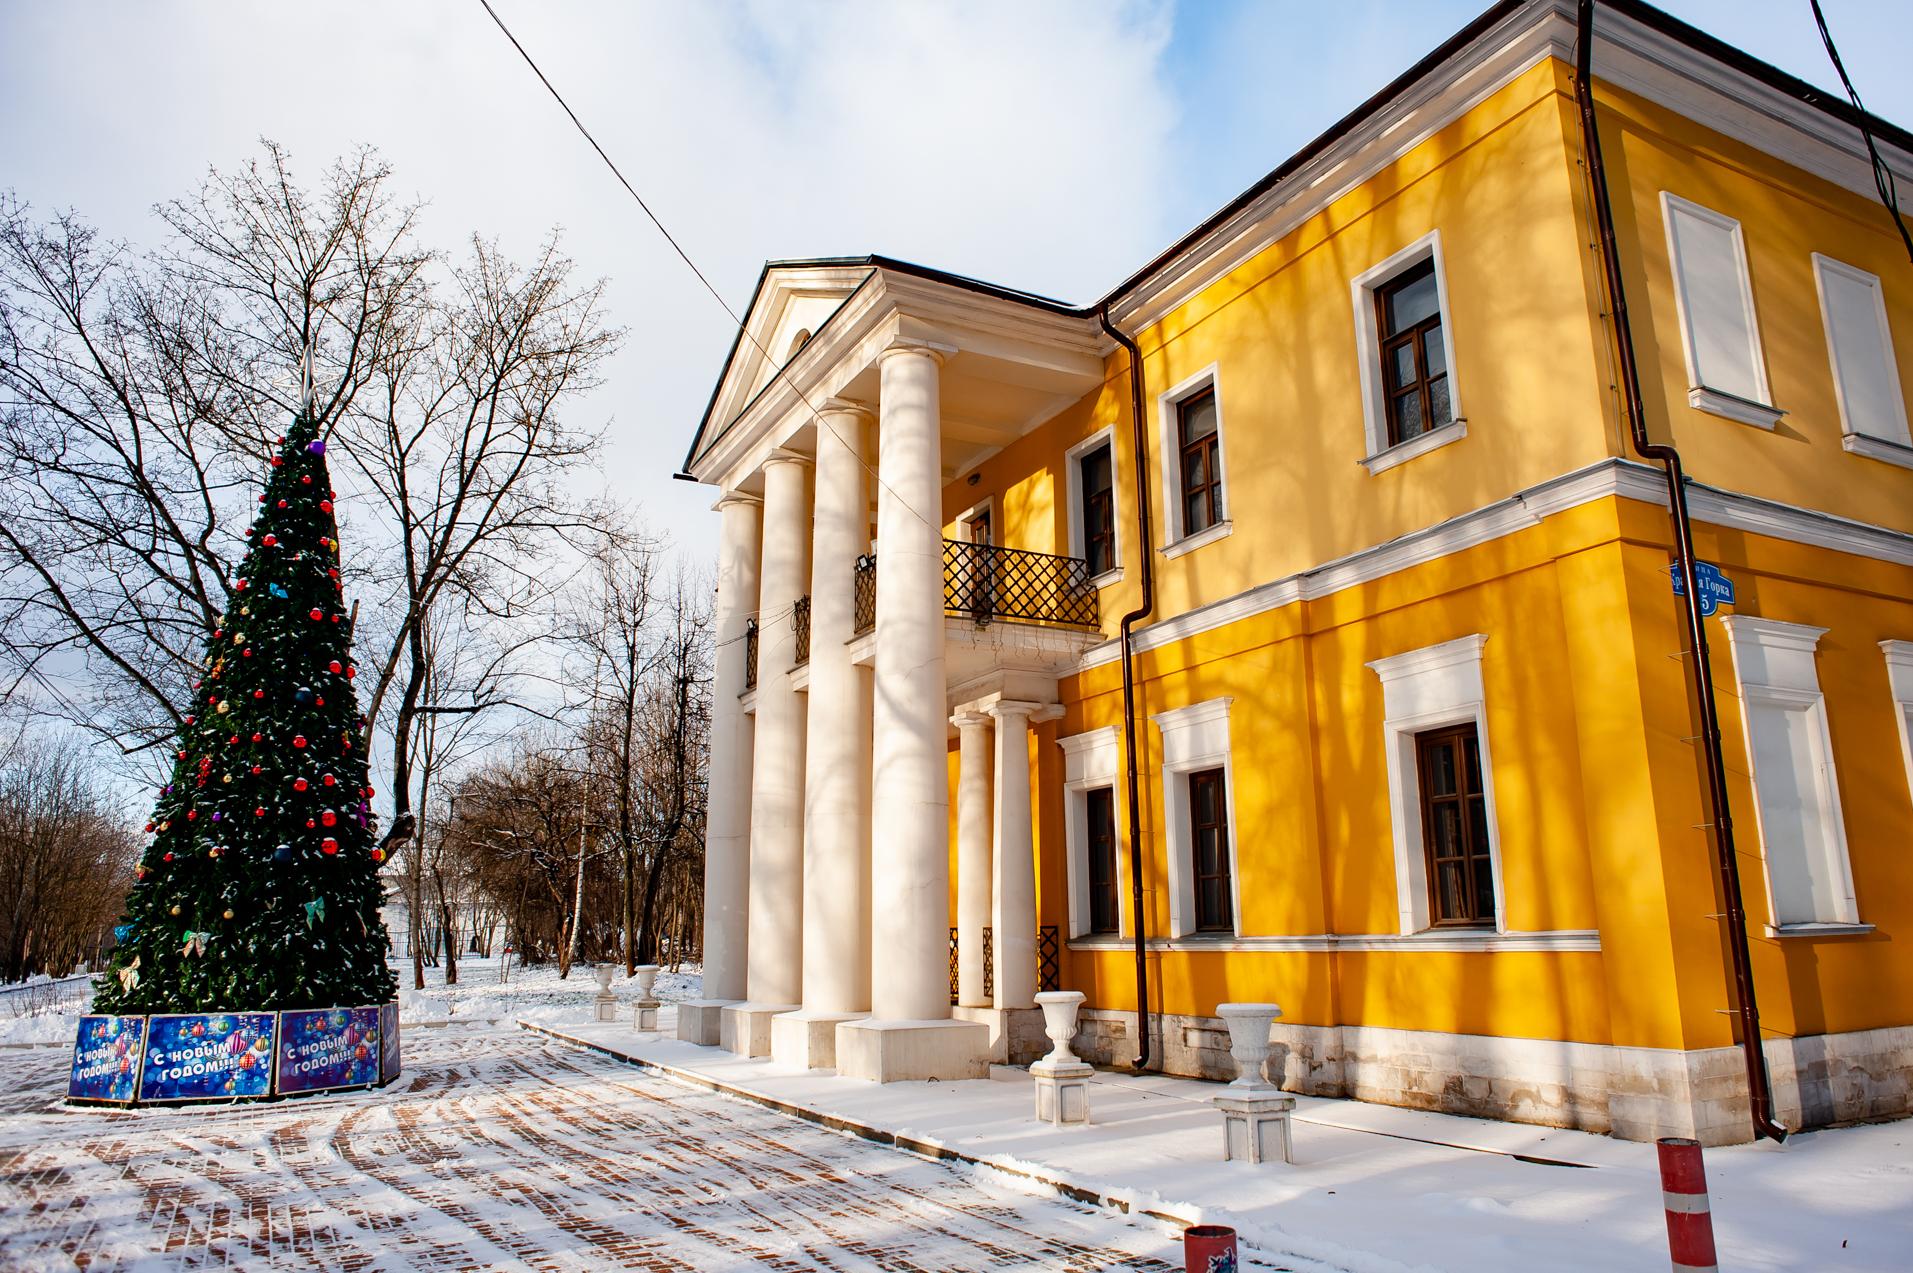 Красногорск, Усадьба Знаменское-Губайлово